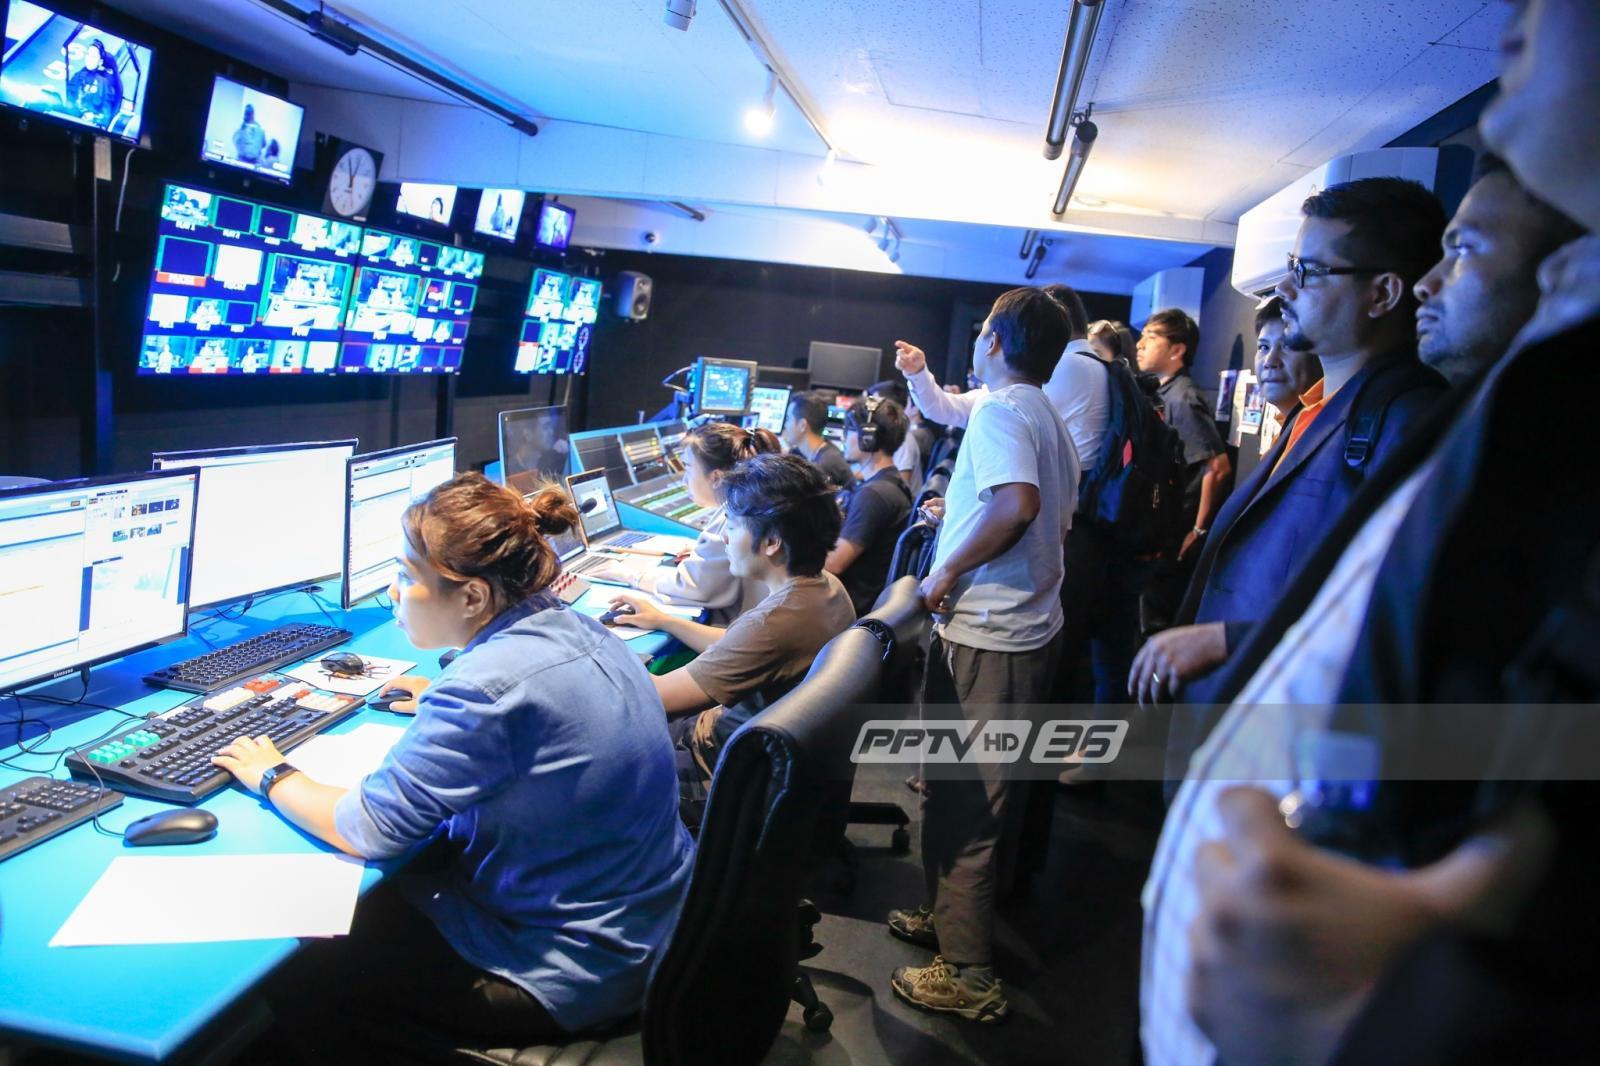 """""""สื่อเมียนมาร์-ศรีลังกา"""" ชมเทคโนโลยีผลิตรายการข่าวของพีพีทีวี"""